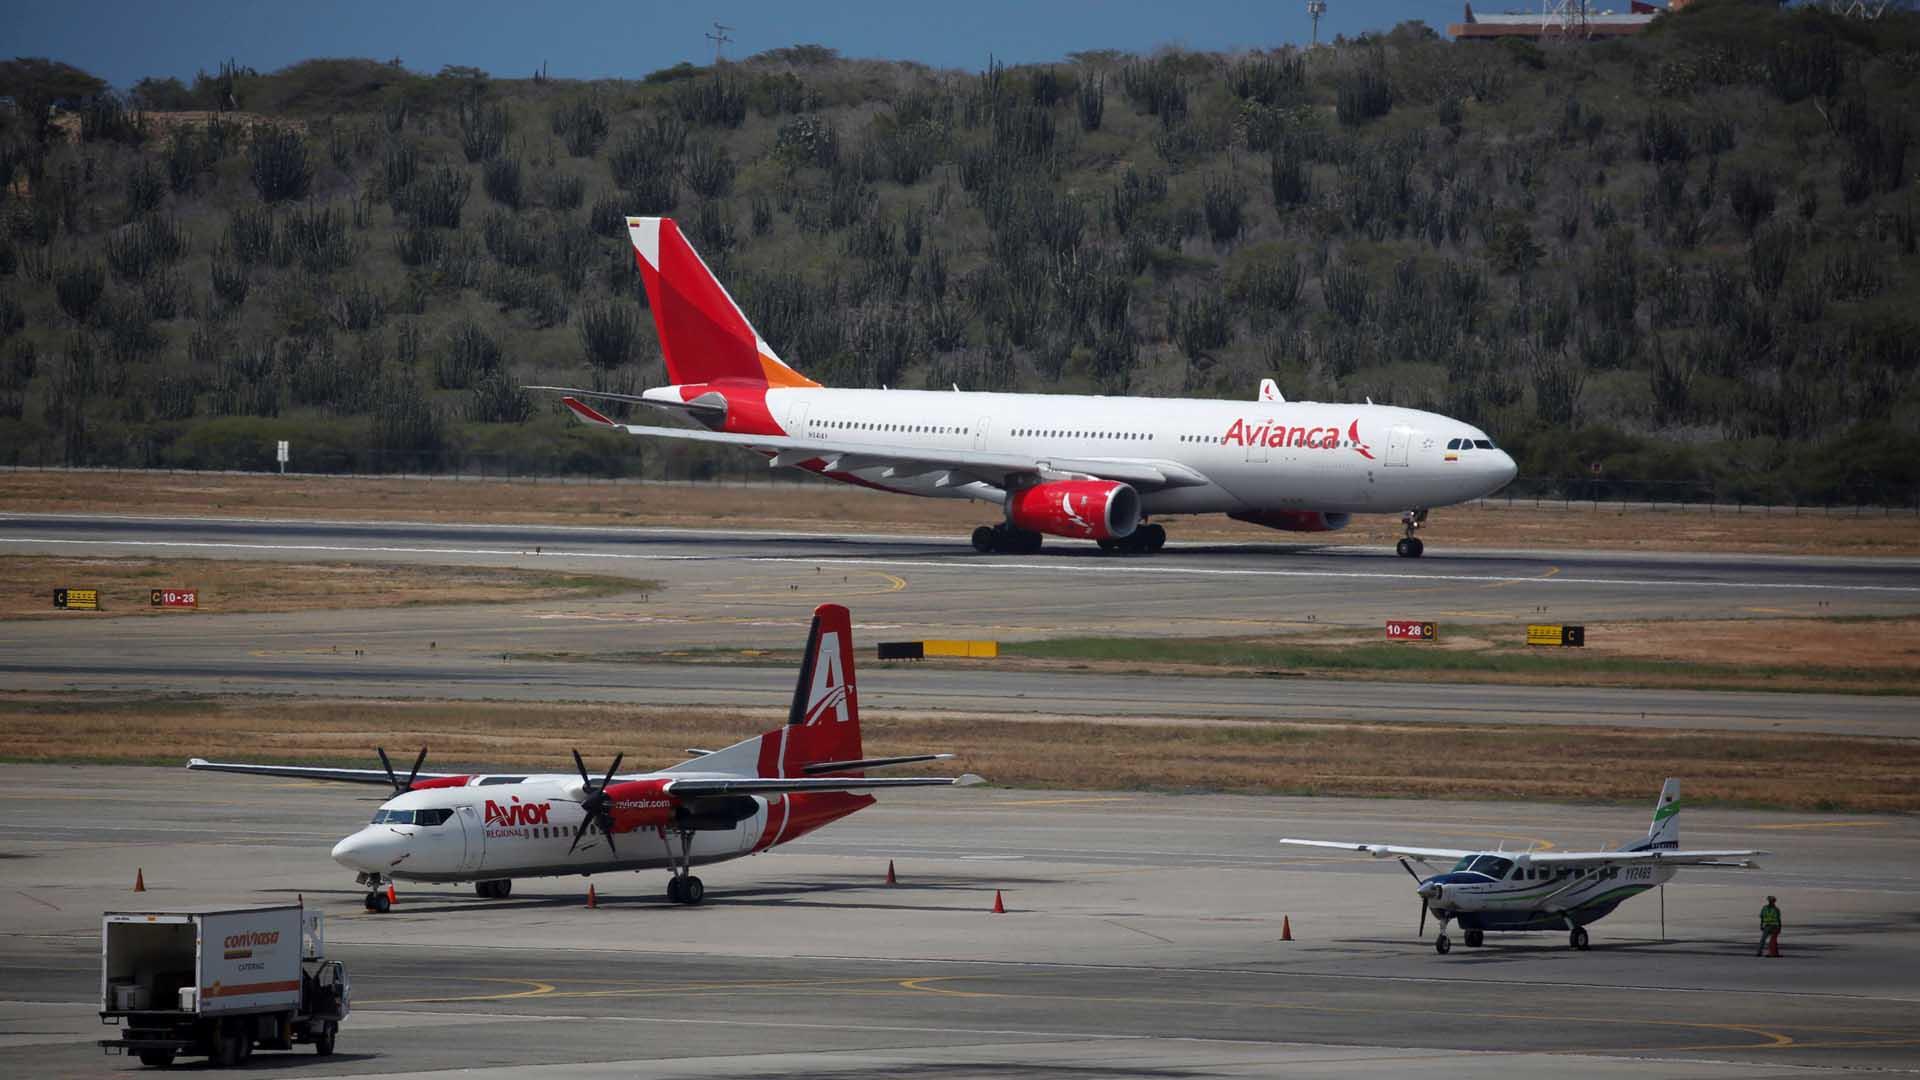 La aerolínea colombiana aclaró el inconveniente presentado este fin de semana e informó la reanudación de sus viajes